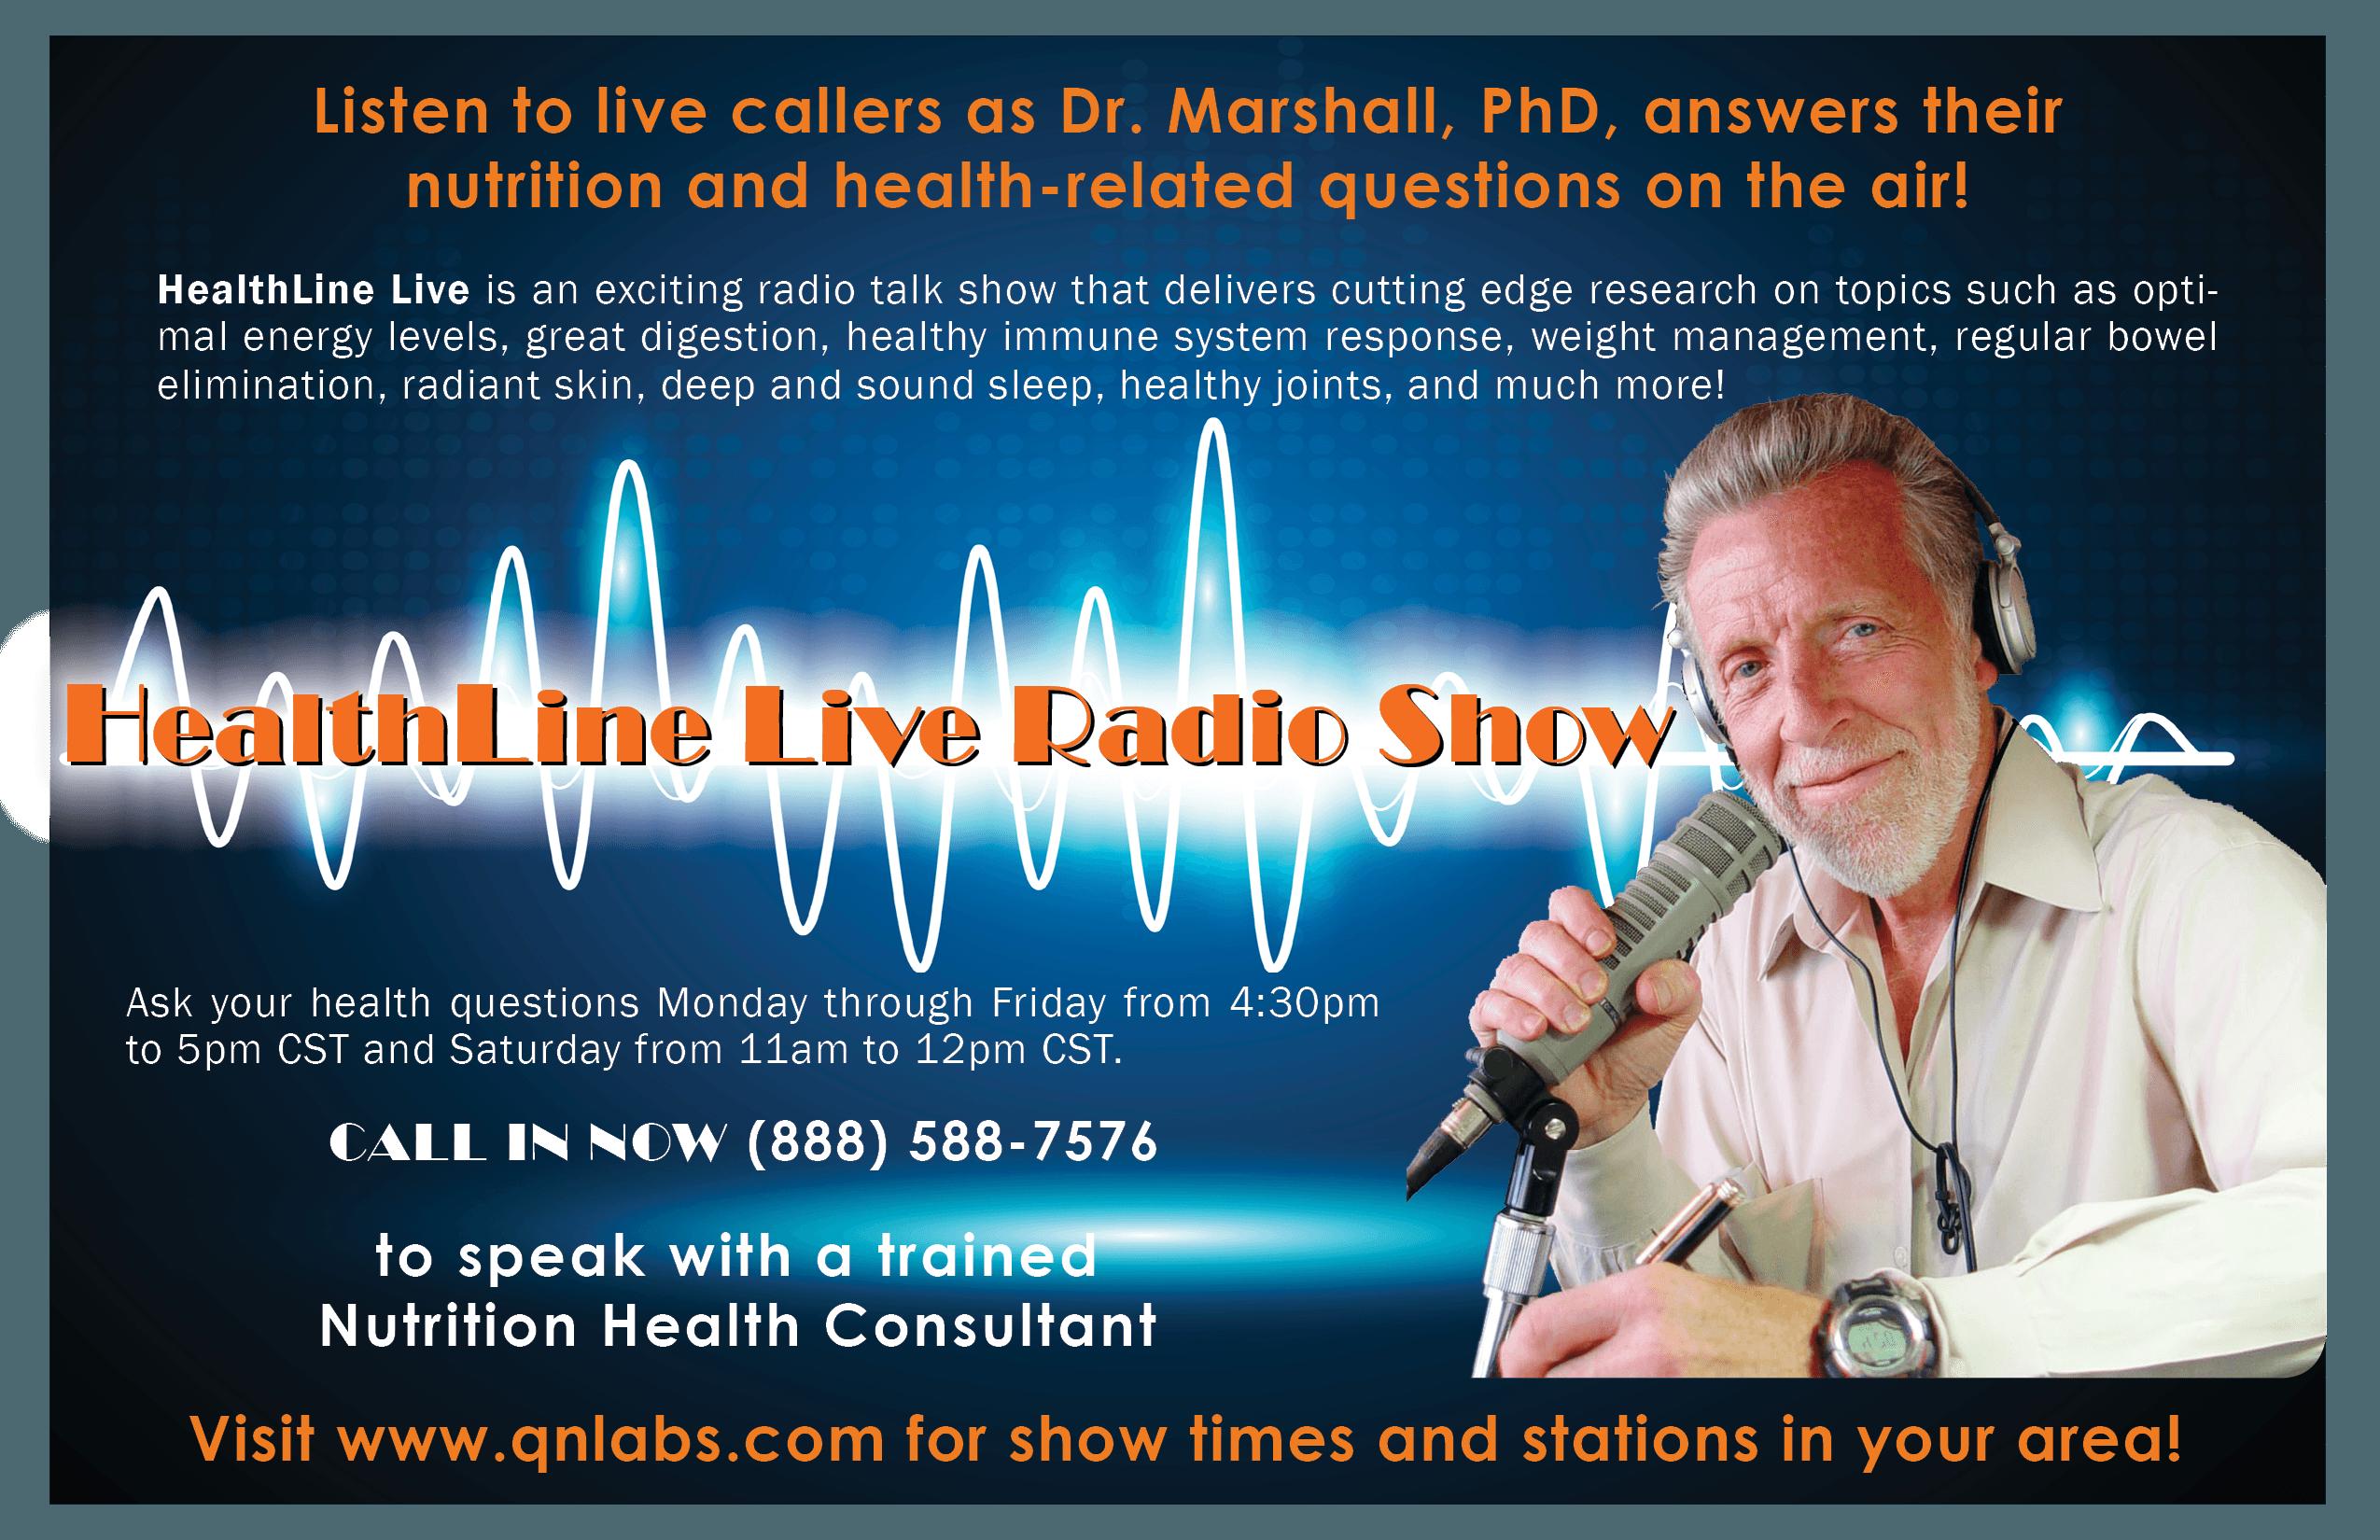 Healthine Radio